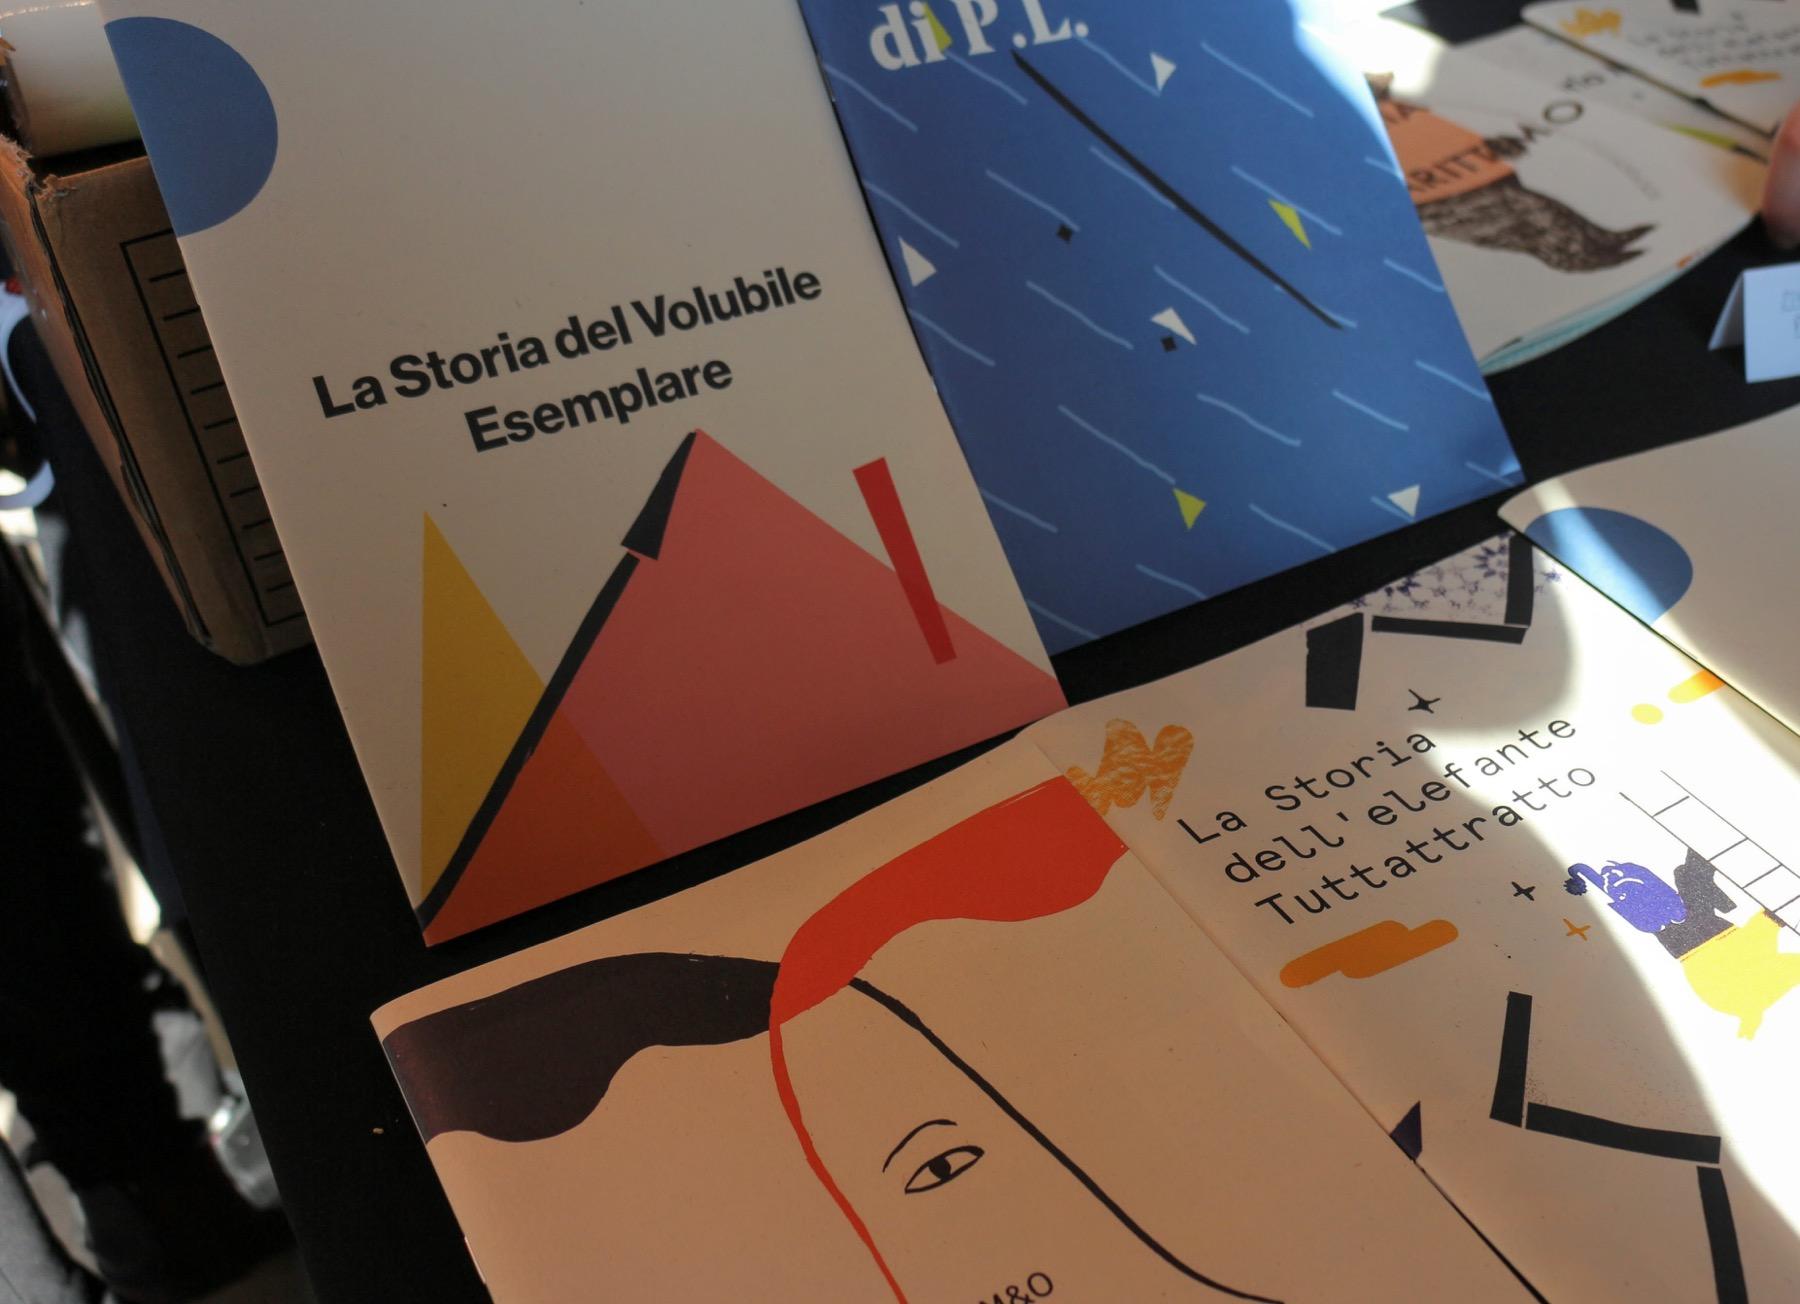 """Le """"Storie da non raccontare"""" presentate durante la quarta edizione di Fruit Exhibition (foto: Frizzifrizzi)"""